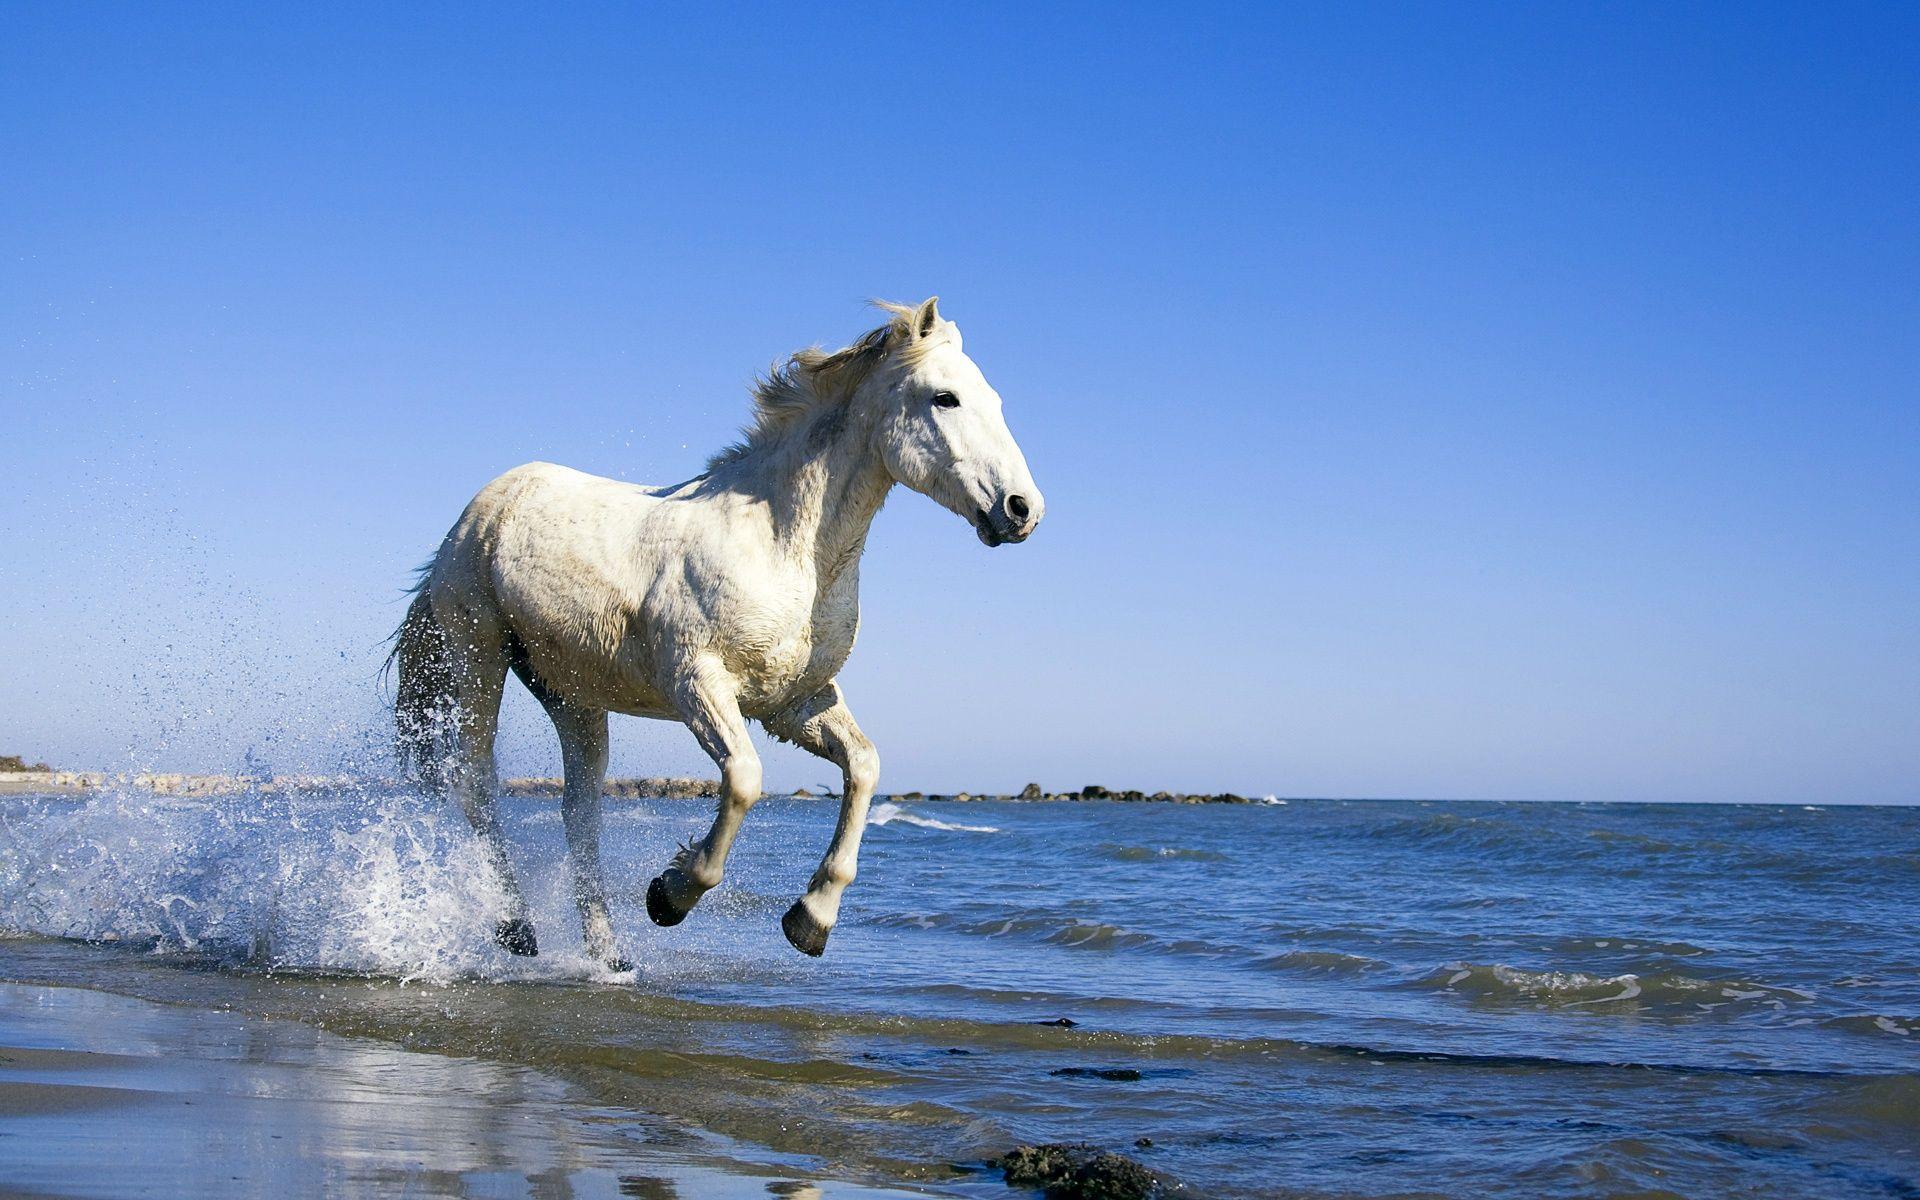 Must see Wallpaper Horse Pinterest - e4863192ed396d1506dcafa7e1c22ae1  2018_883946.jpg